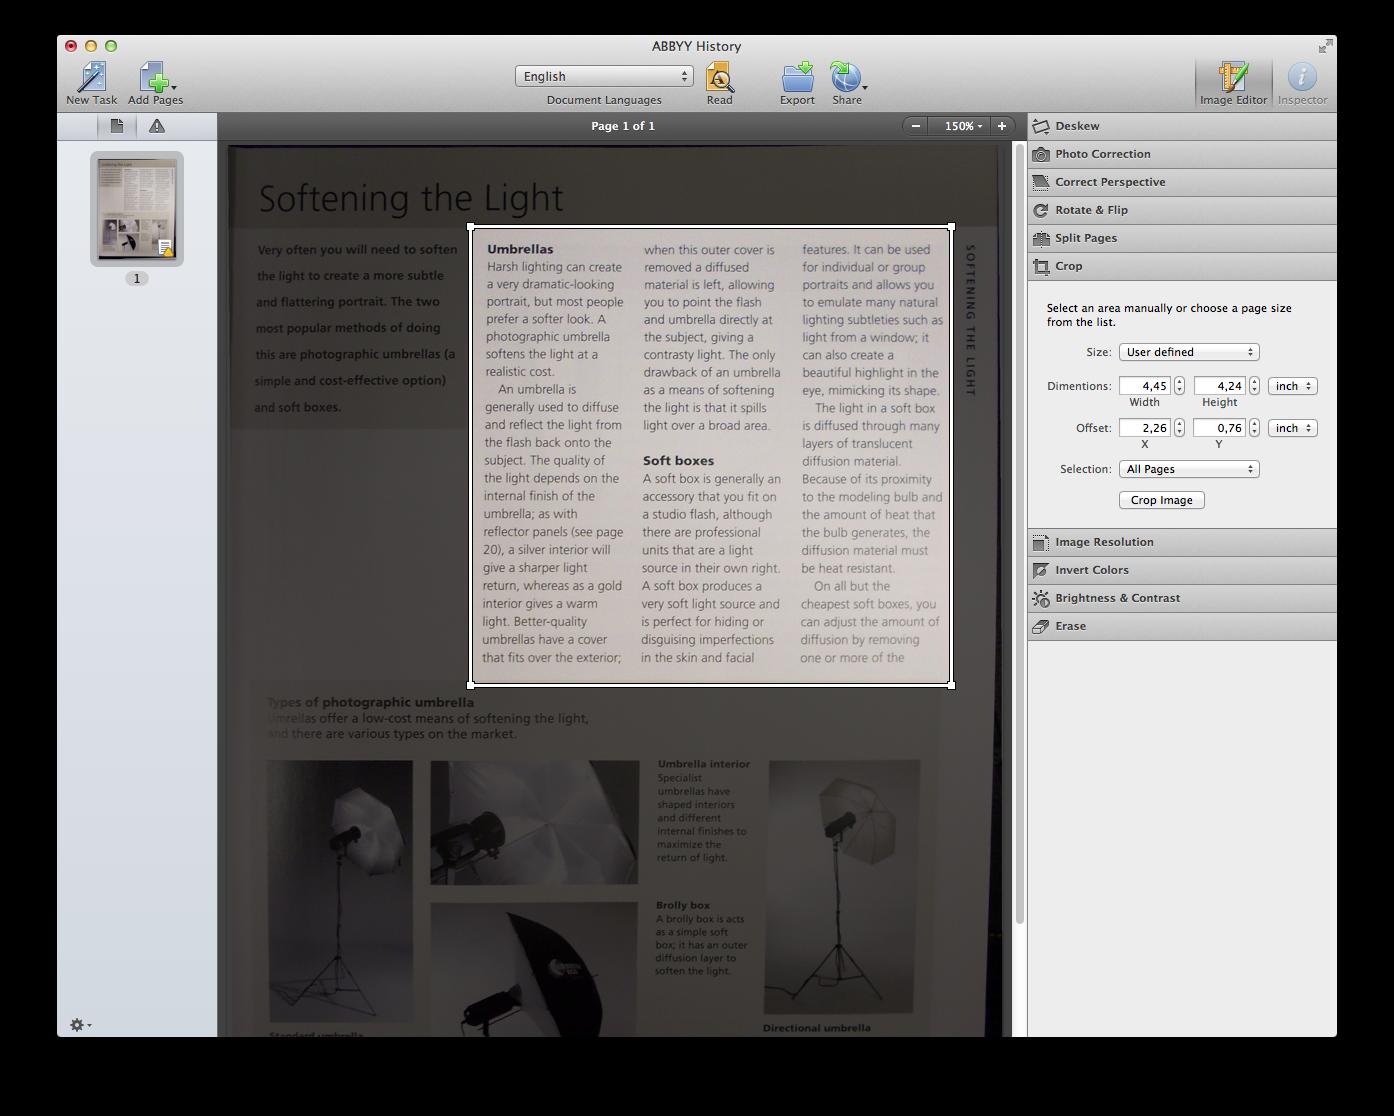 screen_5 Image editor